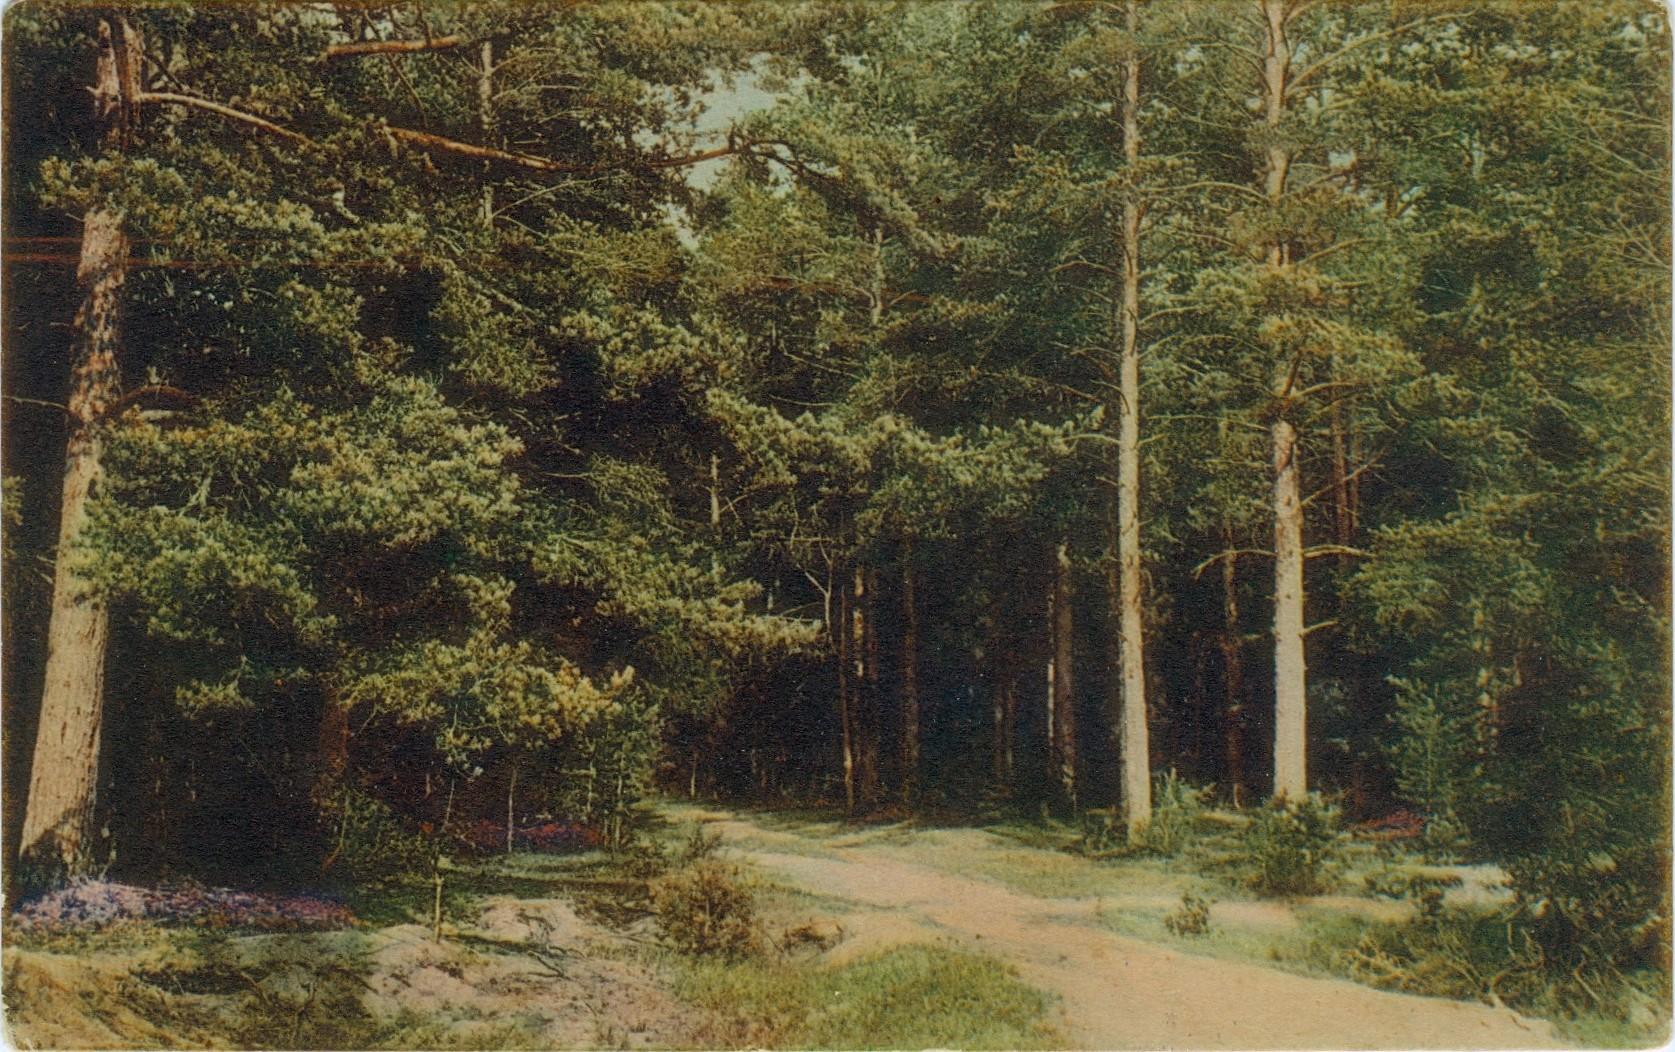 Metsiin, tiettömien taipaleiden taakse oli helppo piiloutua viholliselta. Metsämaisema Kangasalta 1900-luvun alussa.